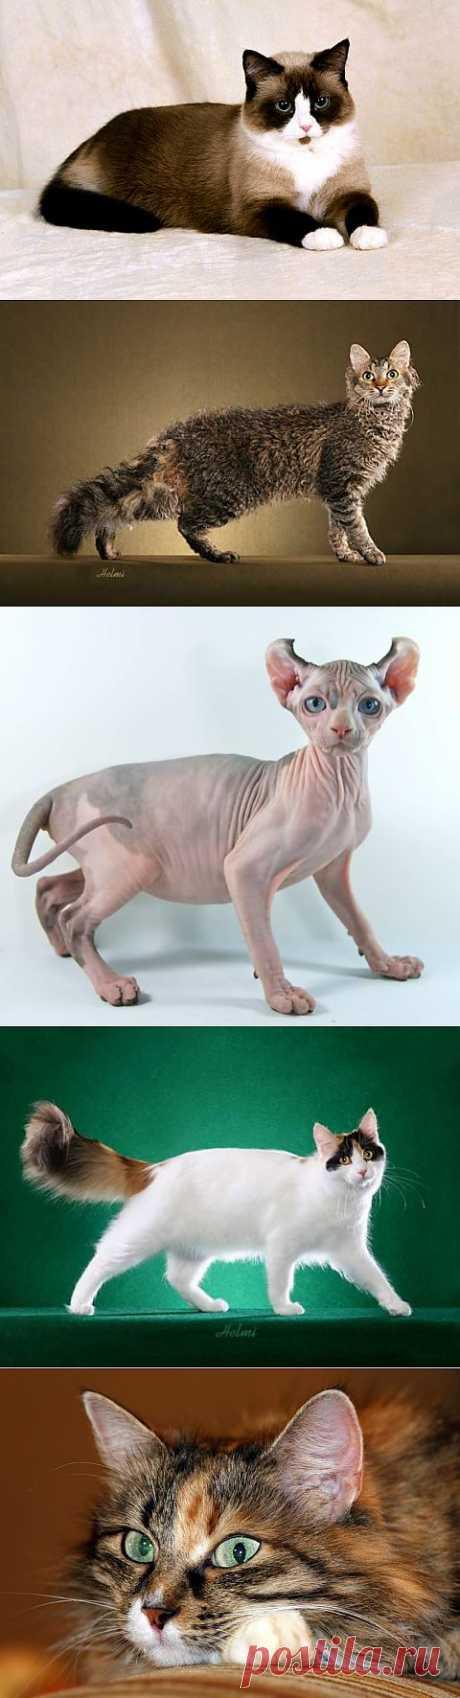 (+1) тема - Самые редкие породы кошек в мире | Четвероногий юмор